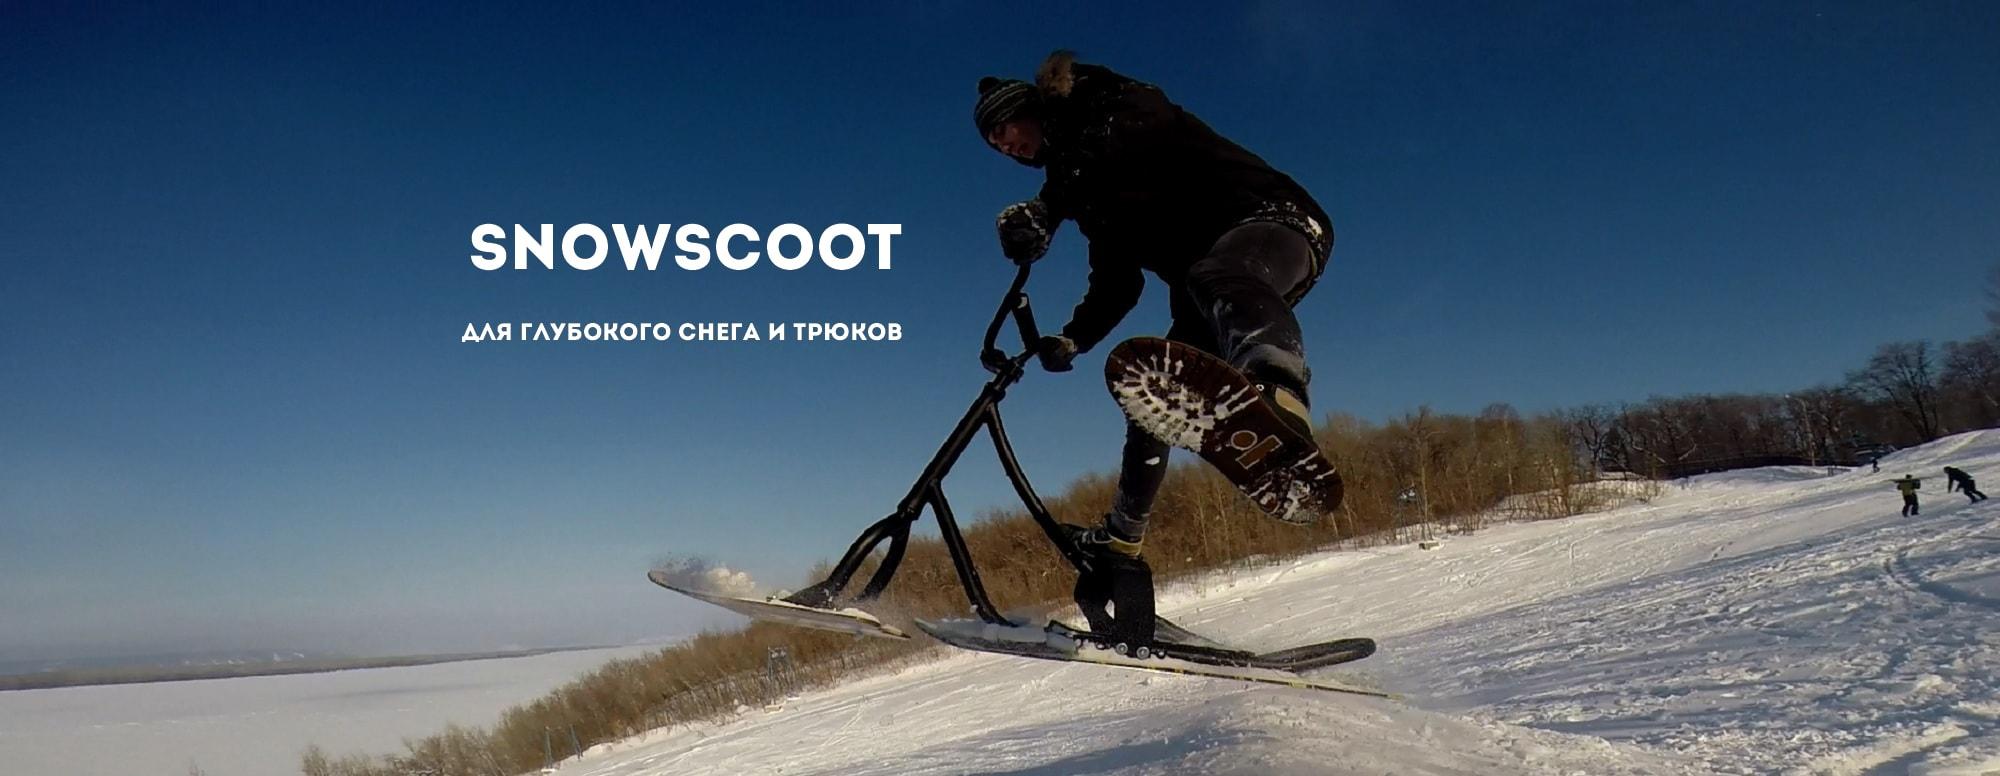 Snowscoot_4